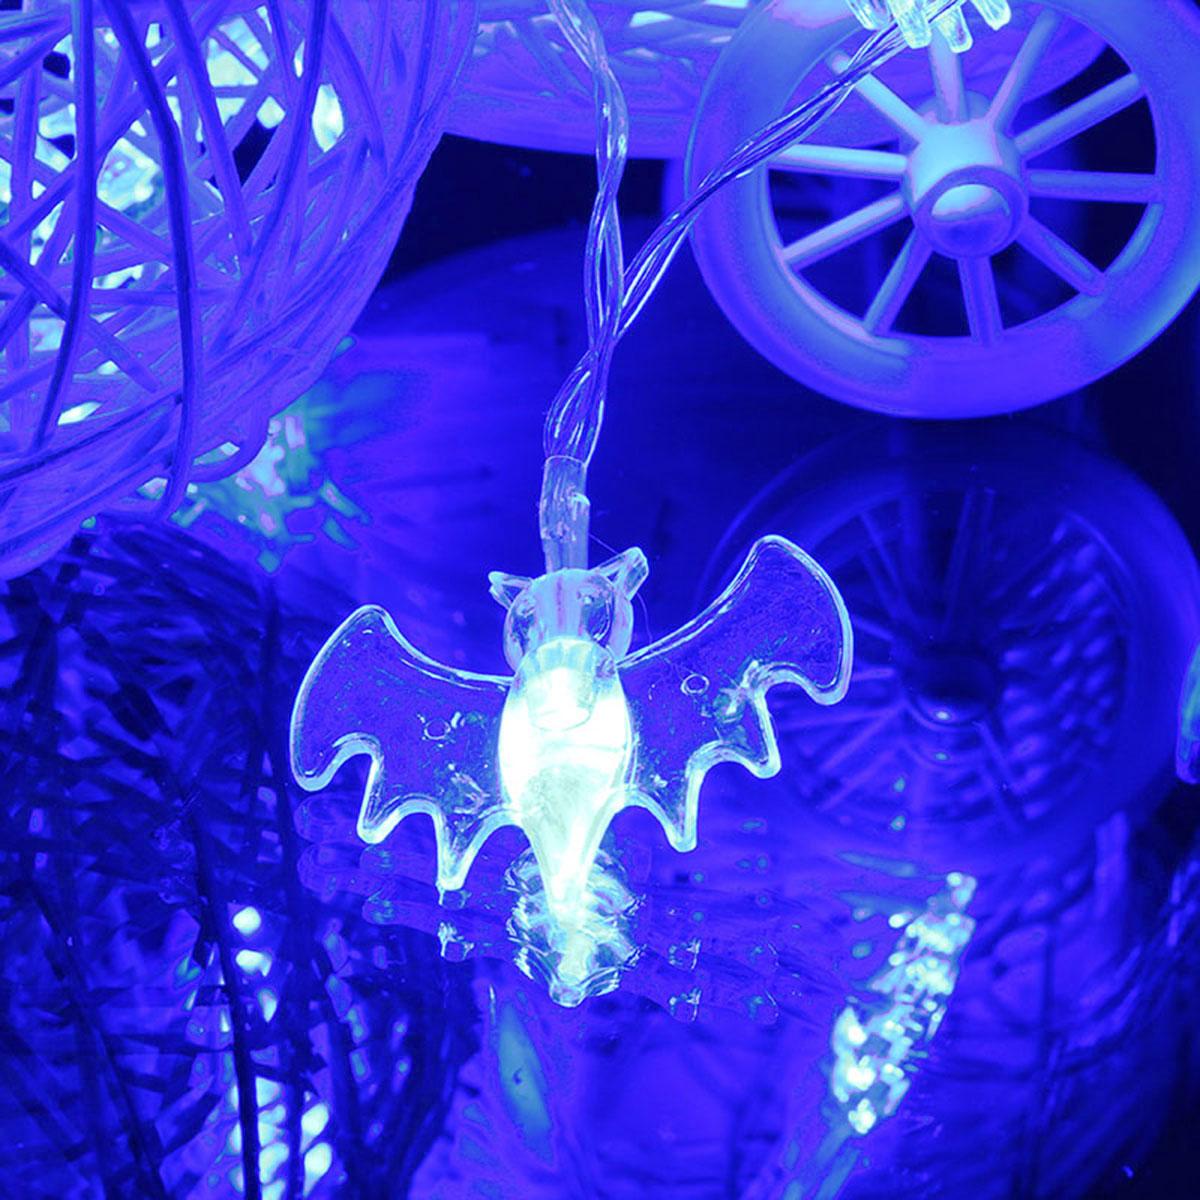 20 azuis LED morcegos acender luzes do dia das bruxas partido decration